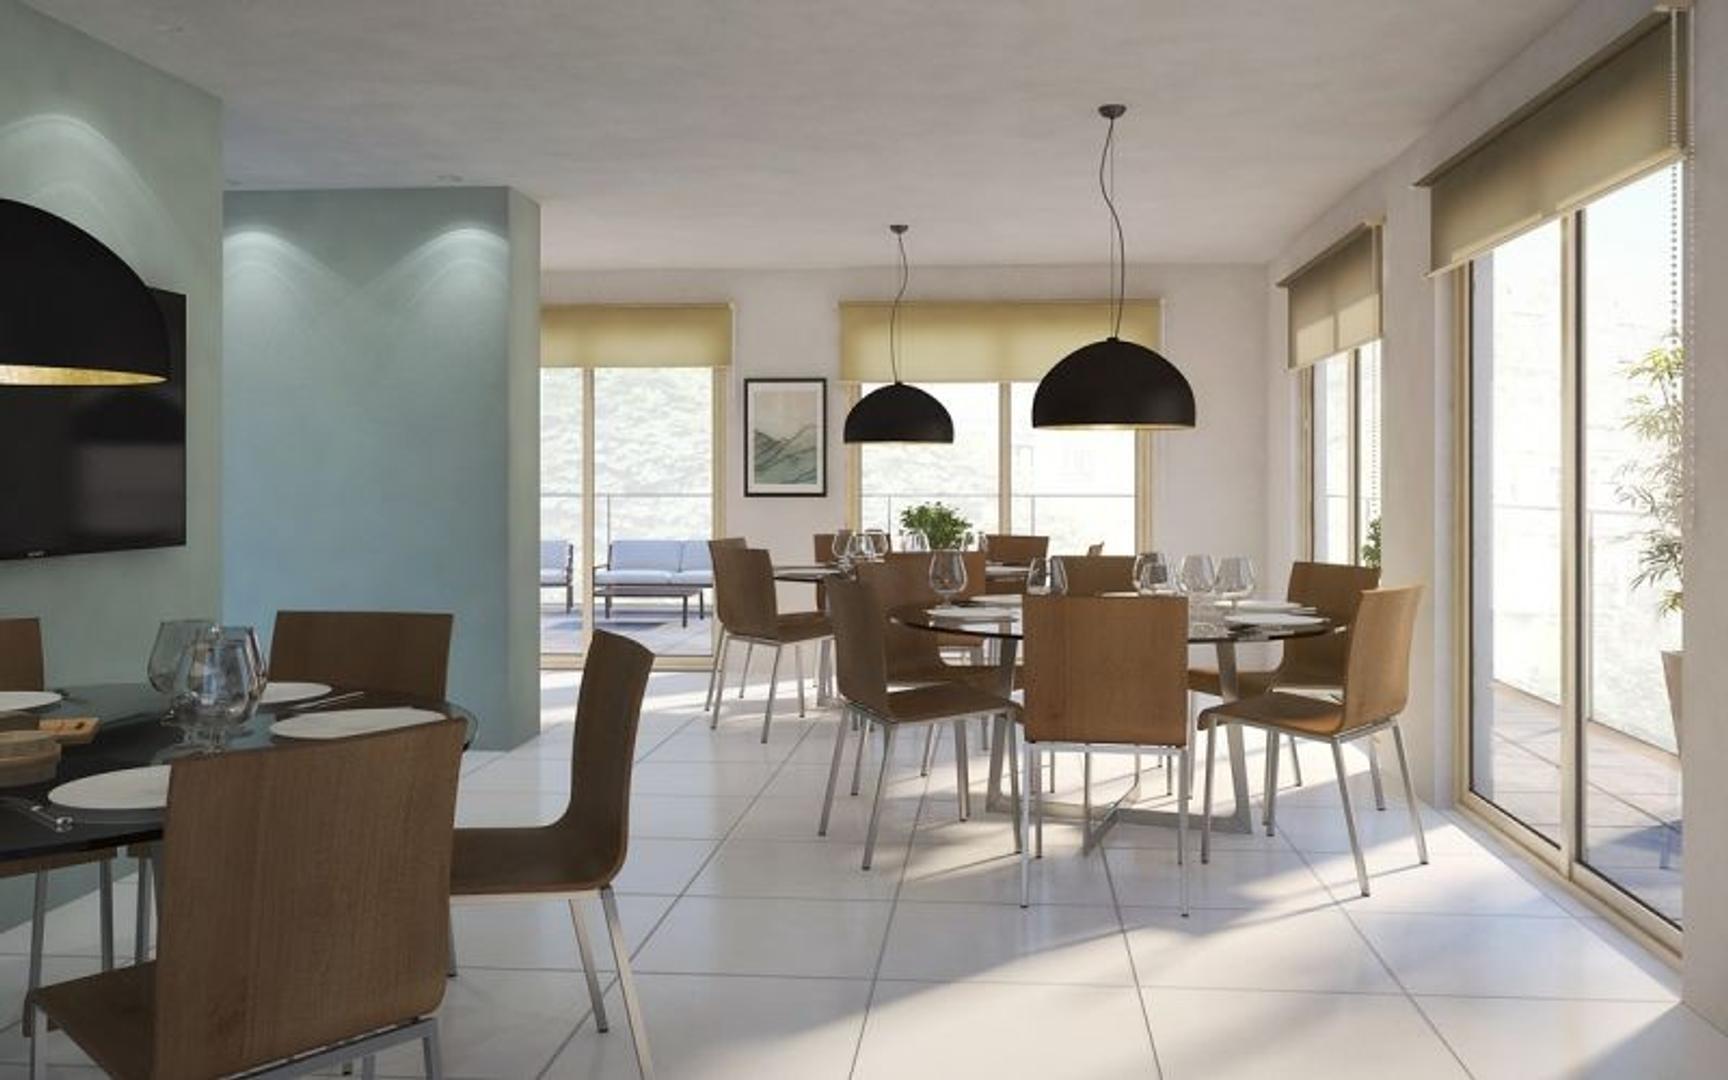 Departamento - 54 m² | 2 dormitorios | Contrafrente